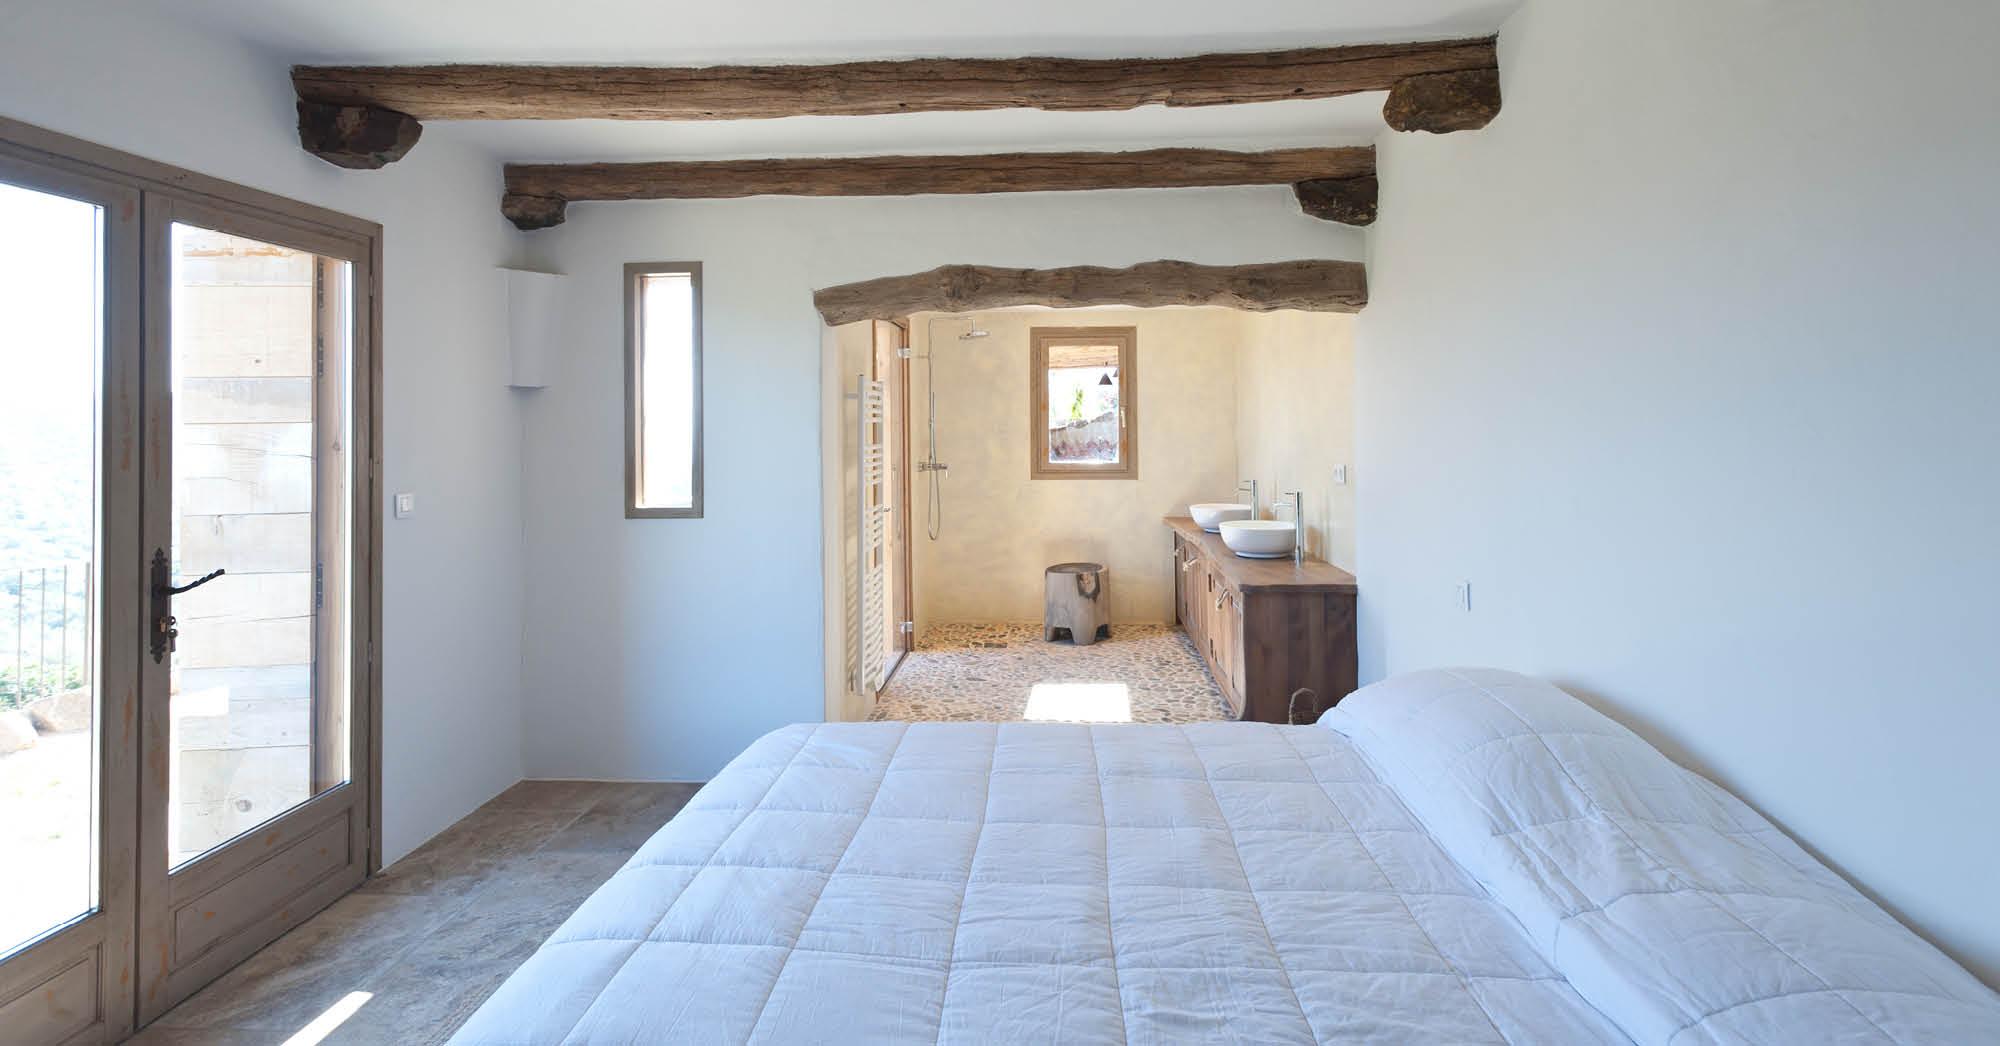 26 maisons bbc aba workshop. Black Bedroom Furniture Sets. Home Design Ideas